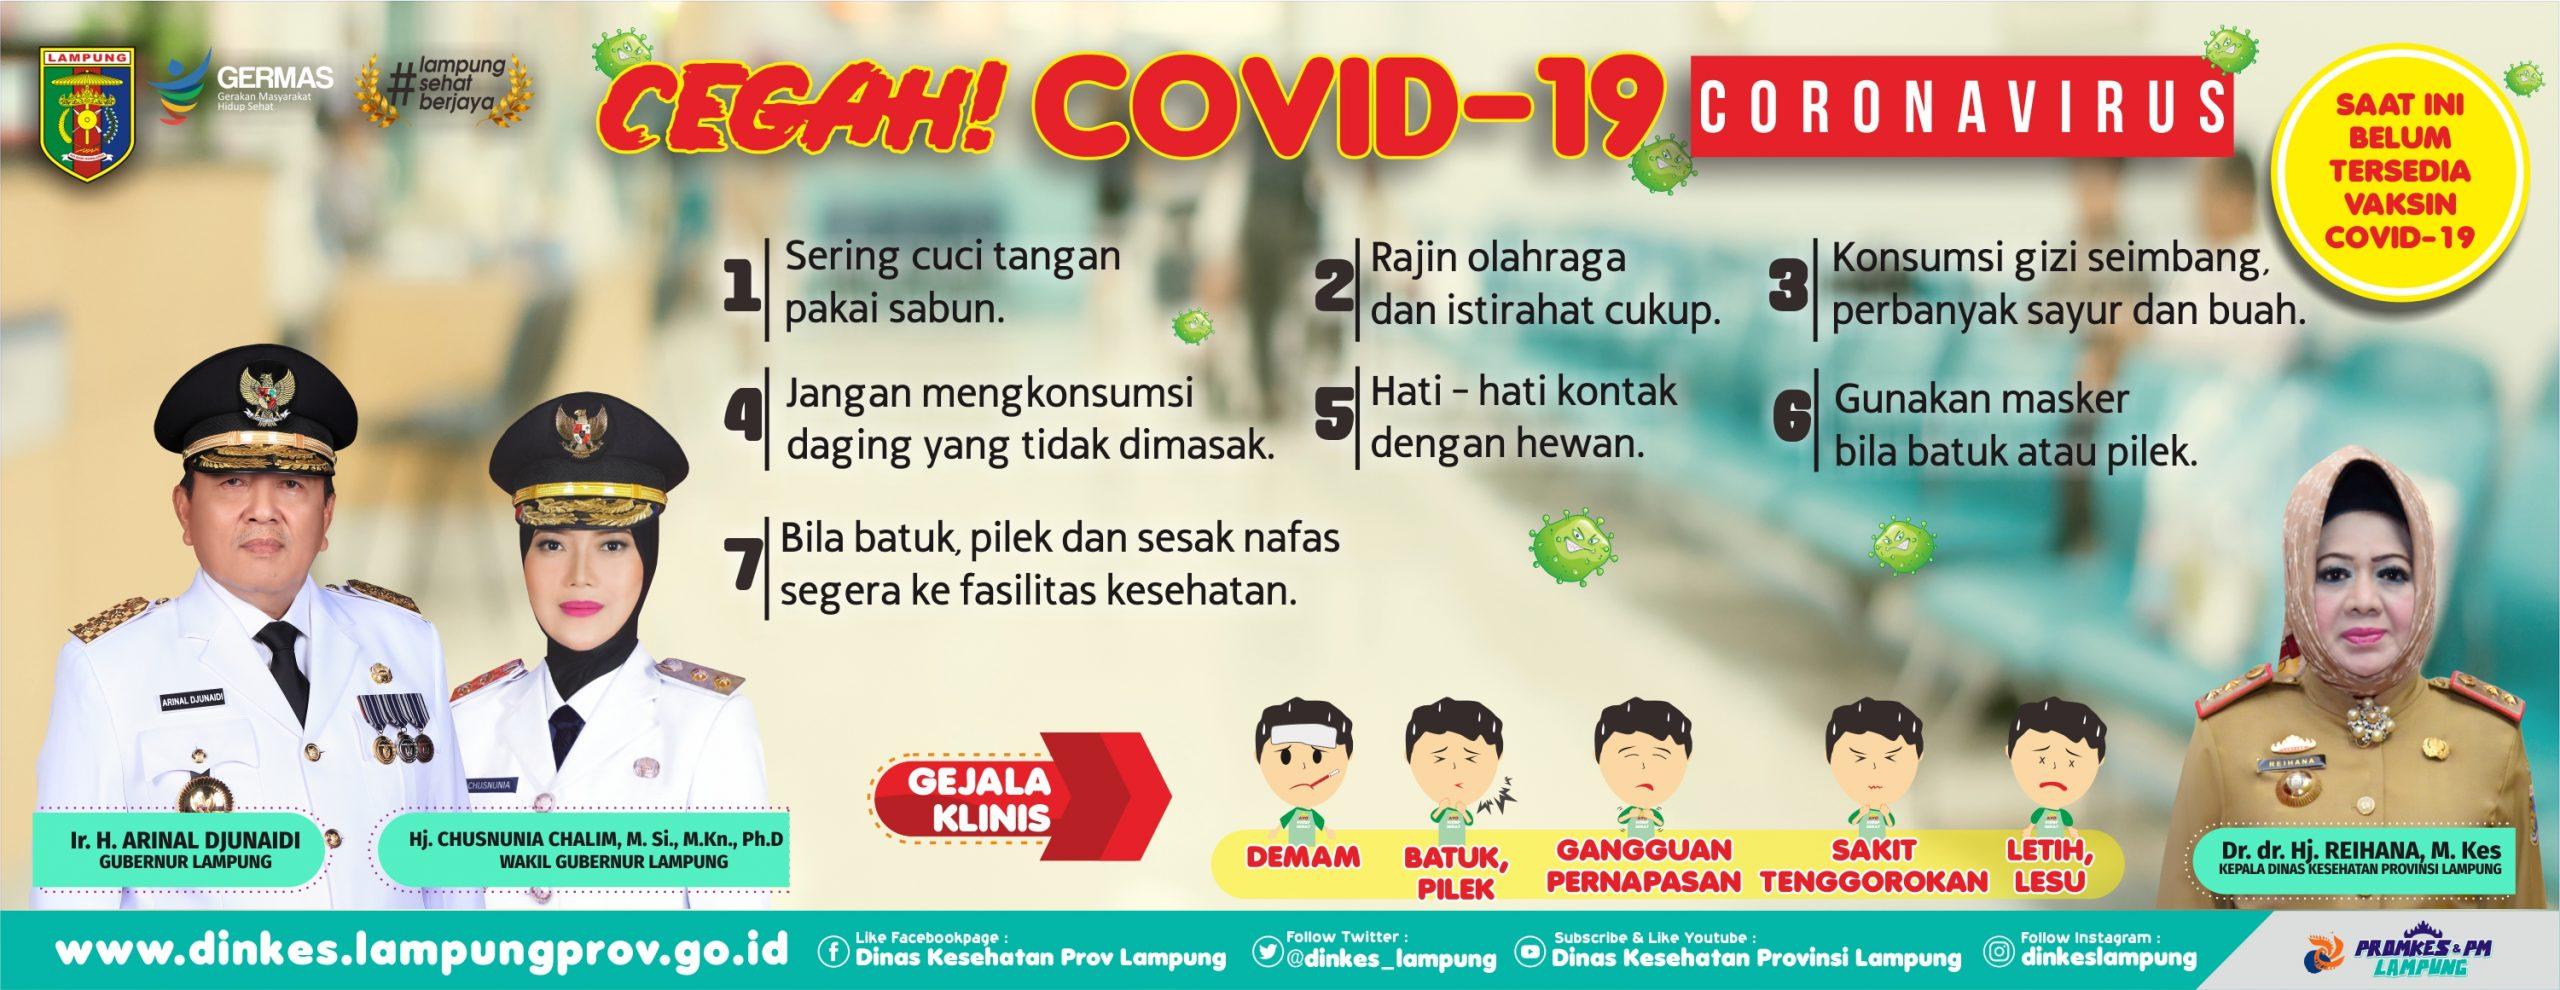 infografis Covid-19 dinas kesehatan provinsi lampung